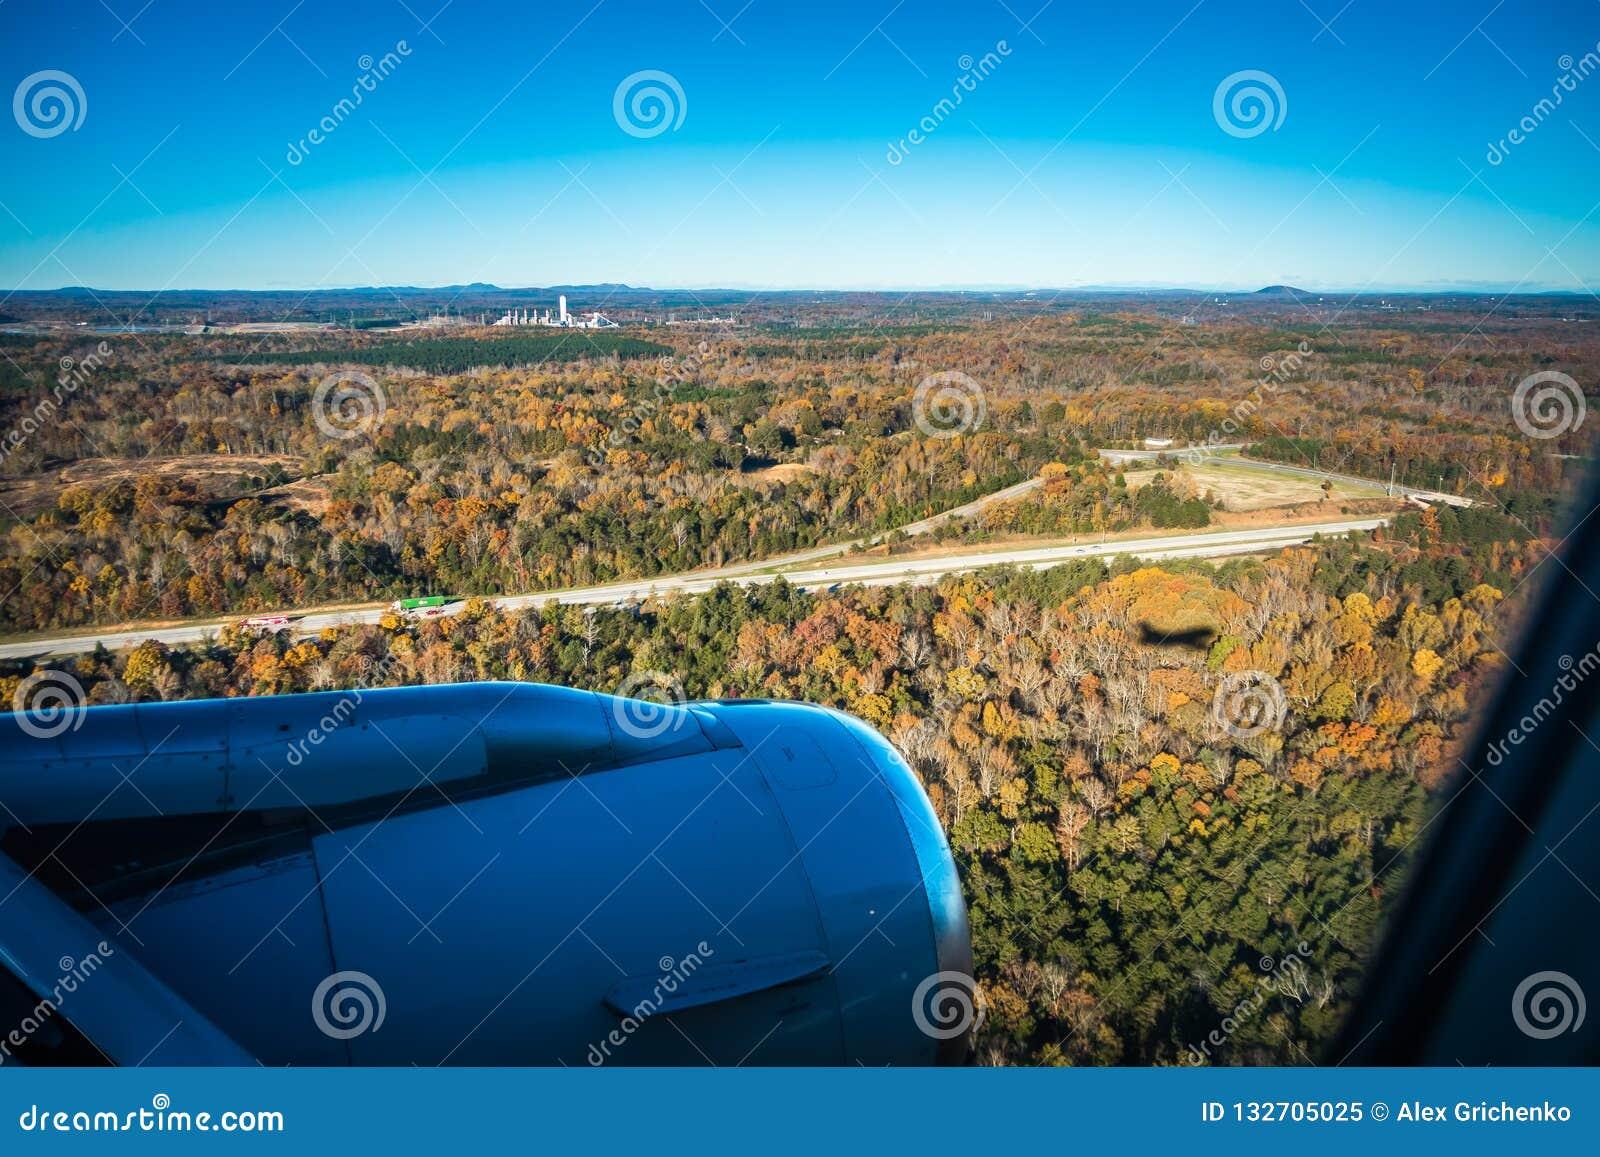 Vliegtuigschaduw en naderbij komend tarmac voor het landen in Charlotte